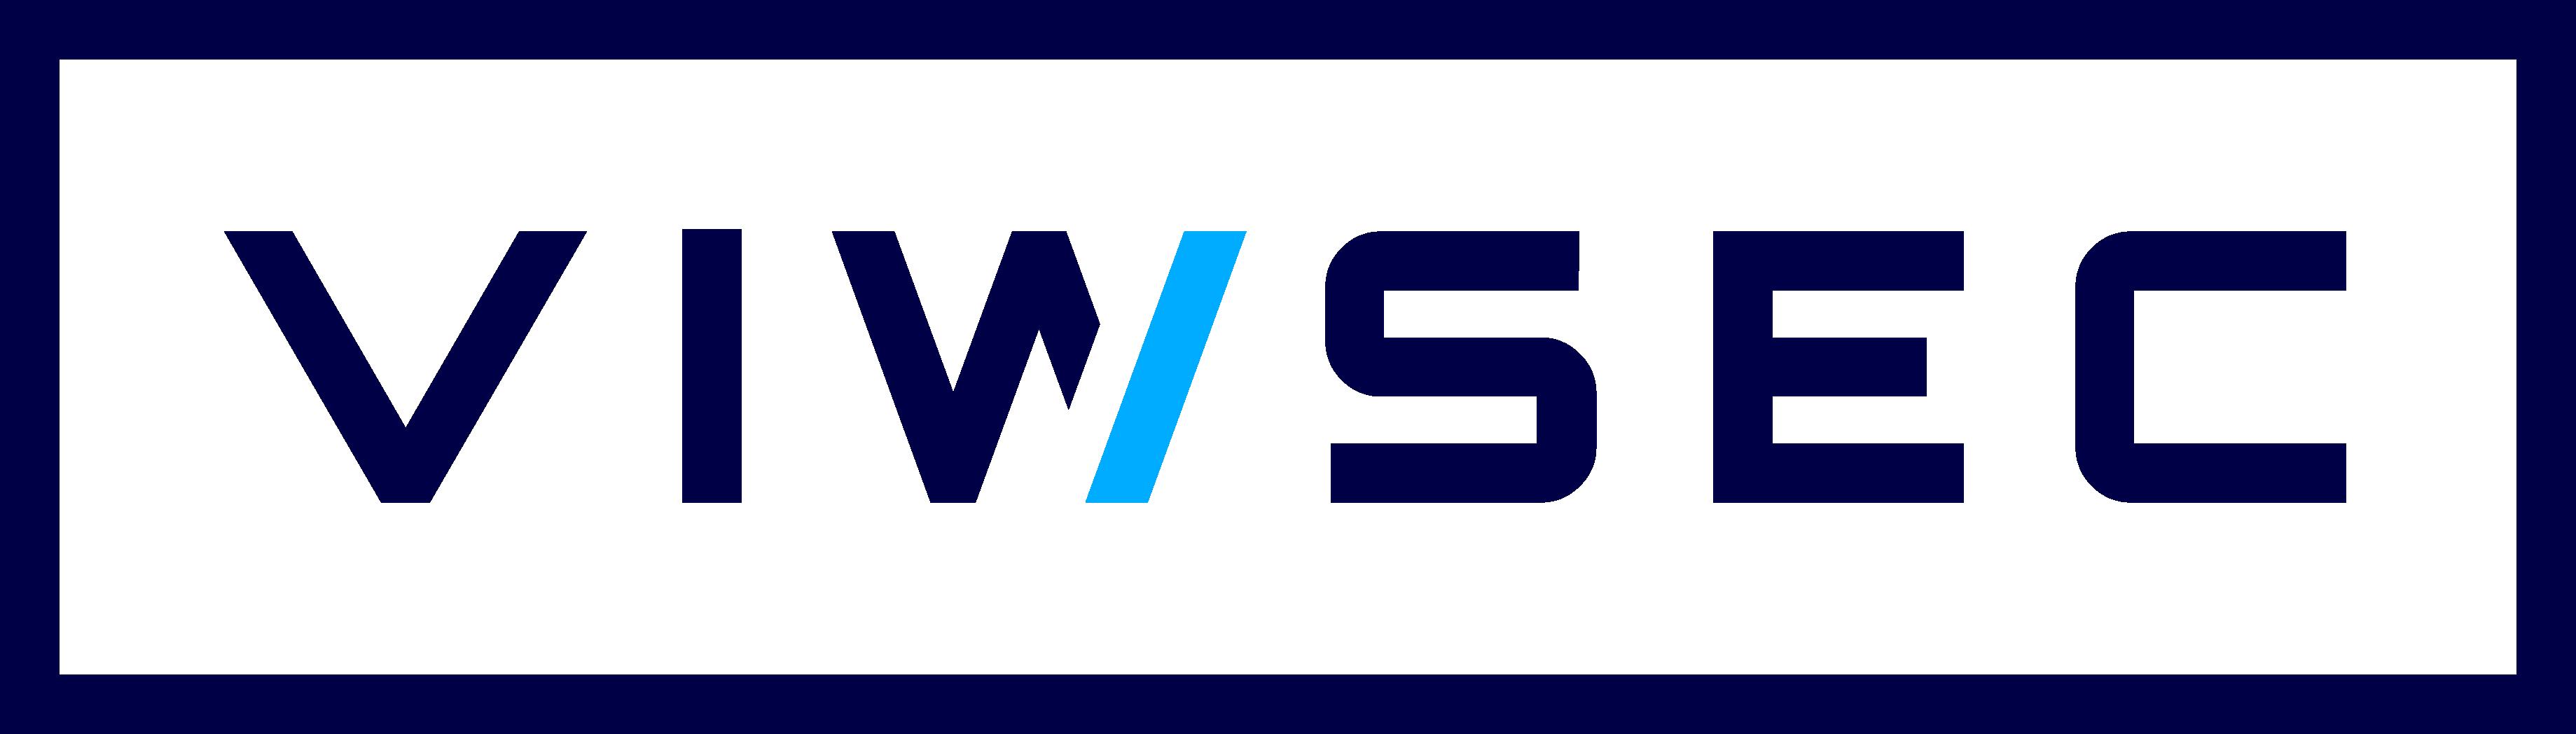 ViewSec logo